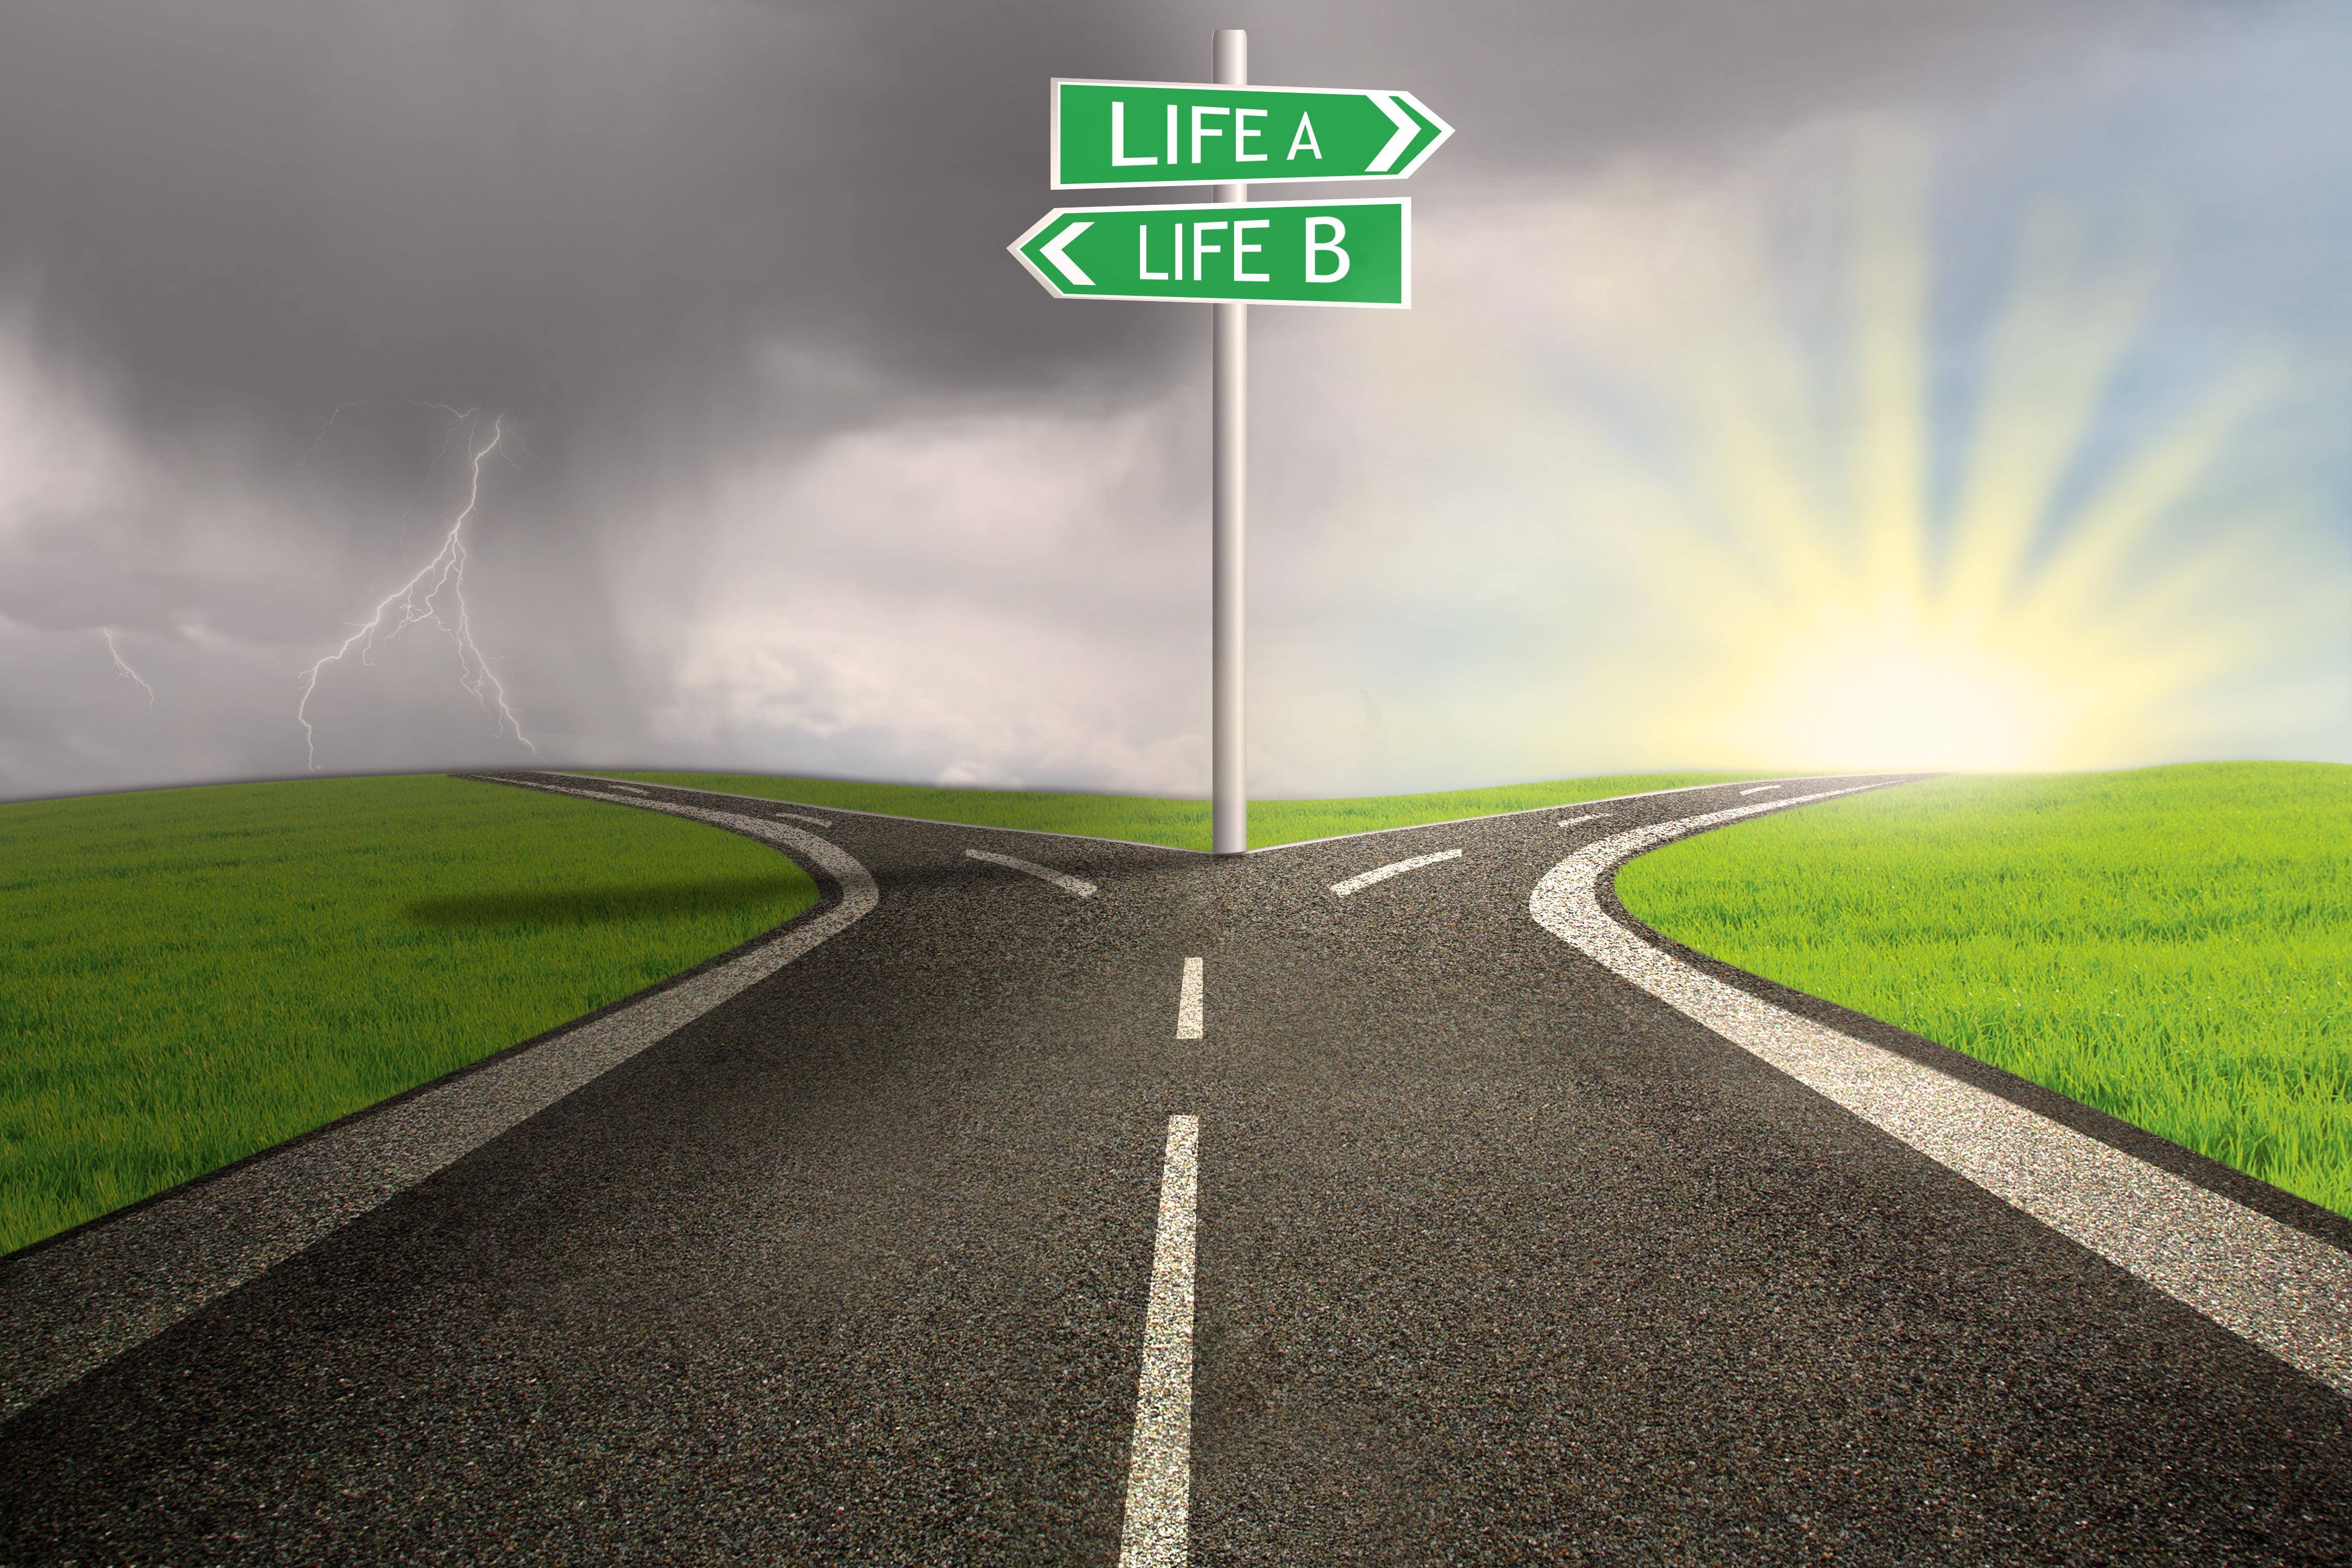 Hidup Jangan Statik - Buat Pilihan Dan Terus Melangkah